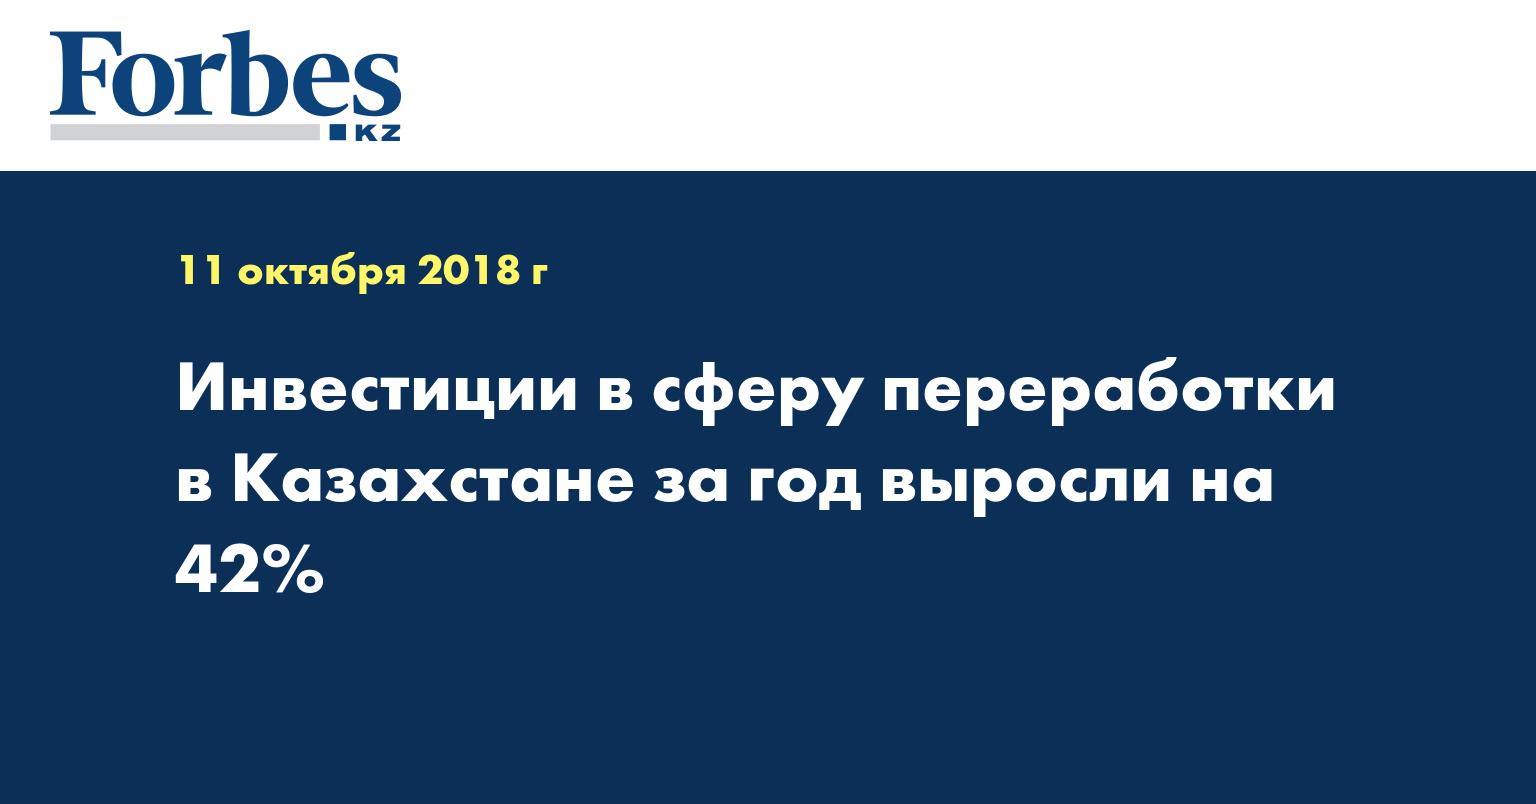 Инвестиции в сферу переработки в Казахстане за год выросли на 42%